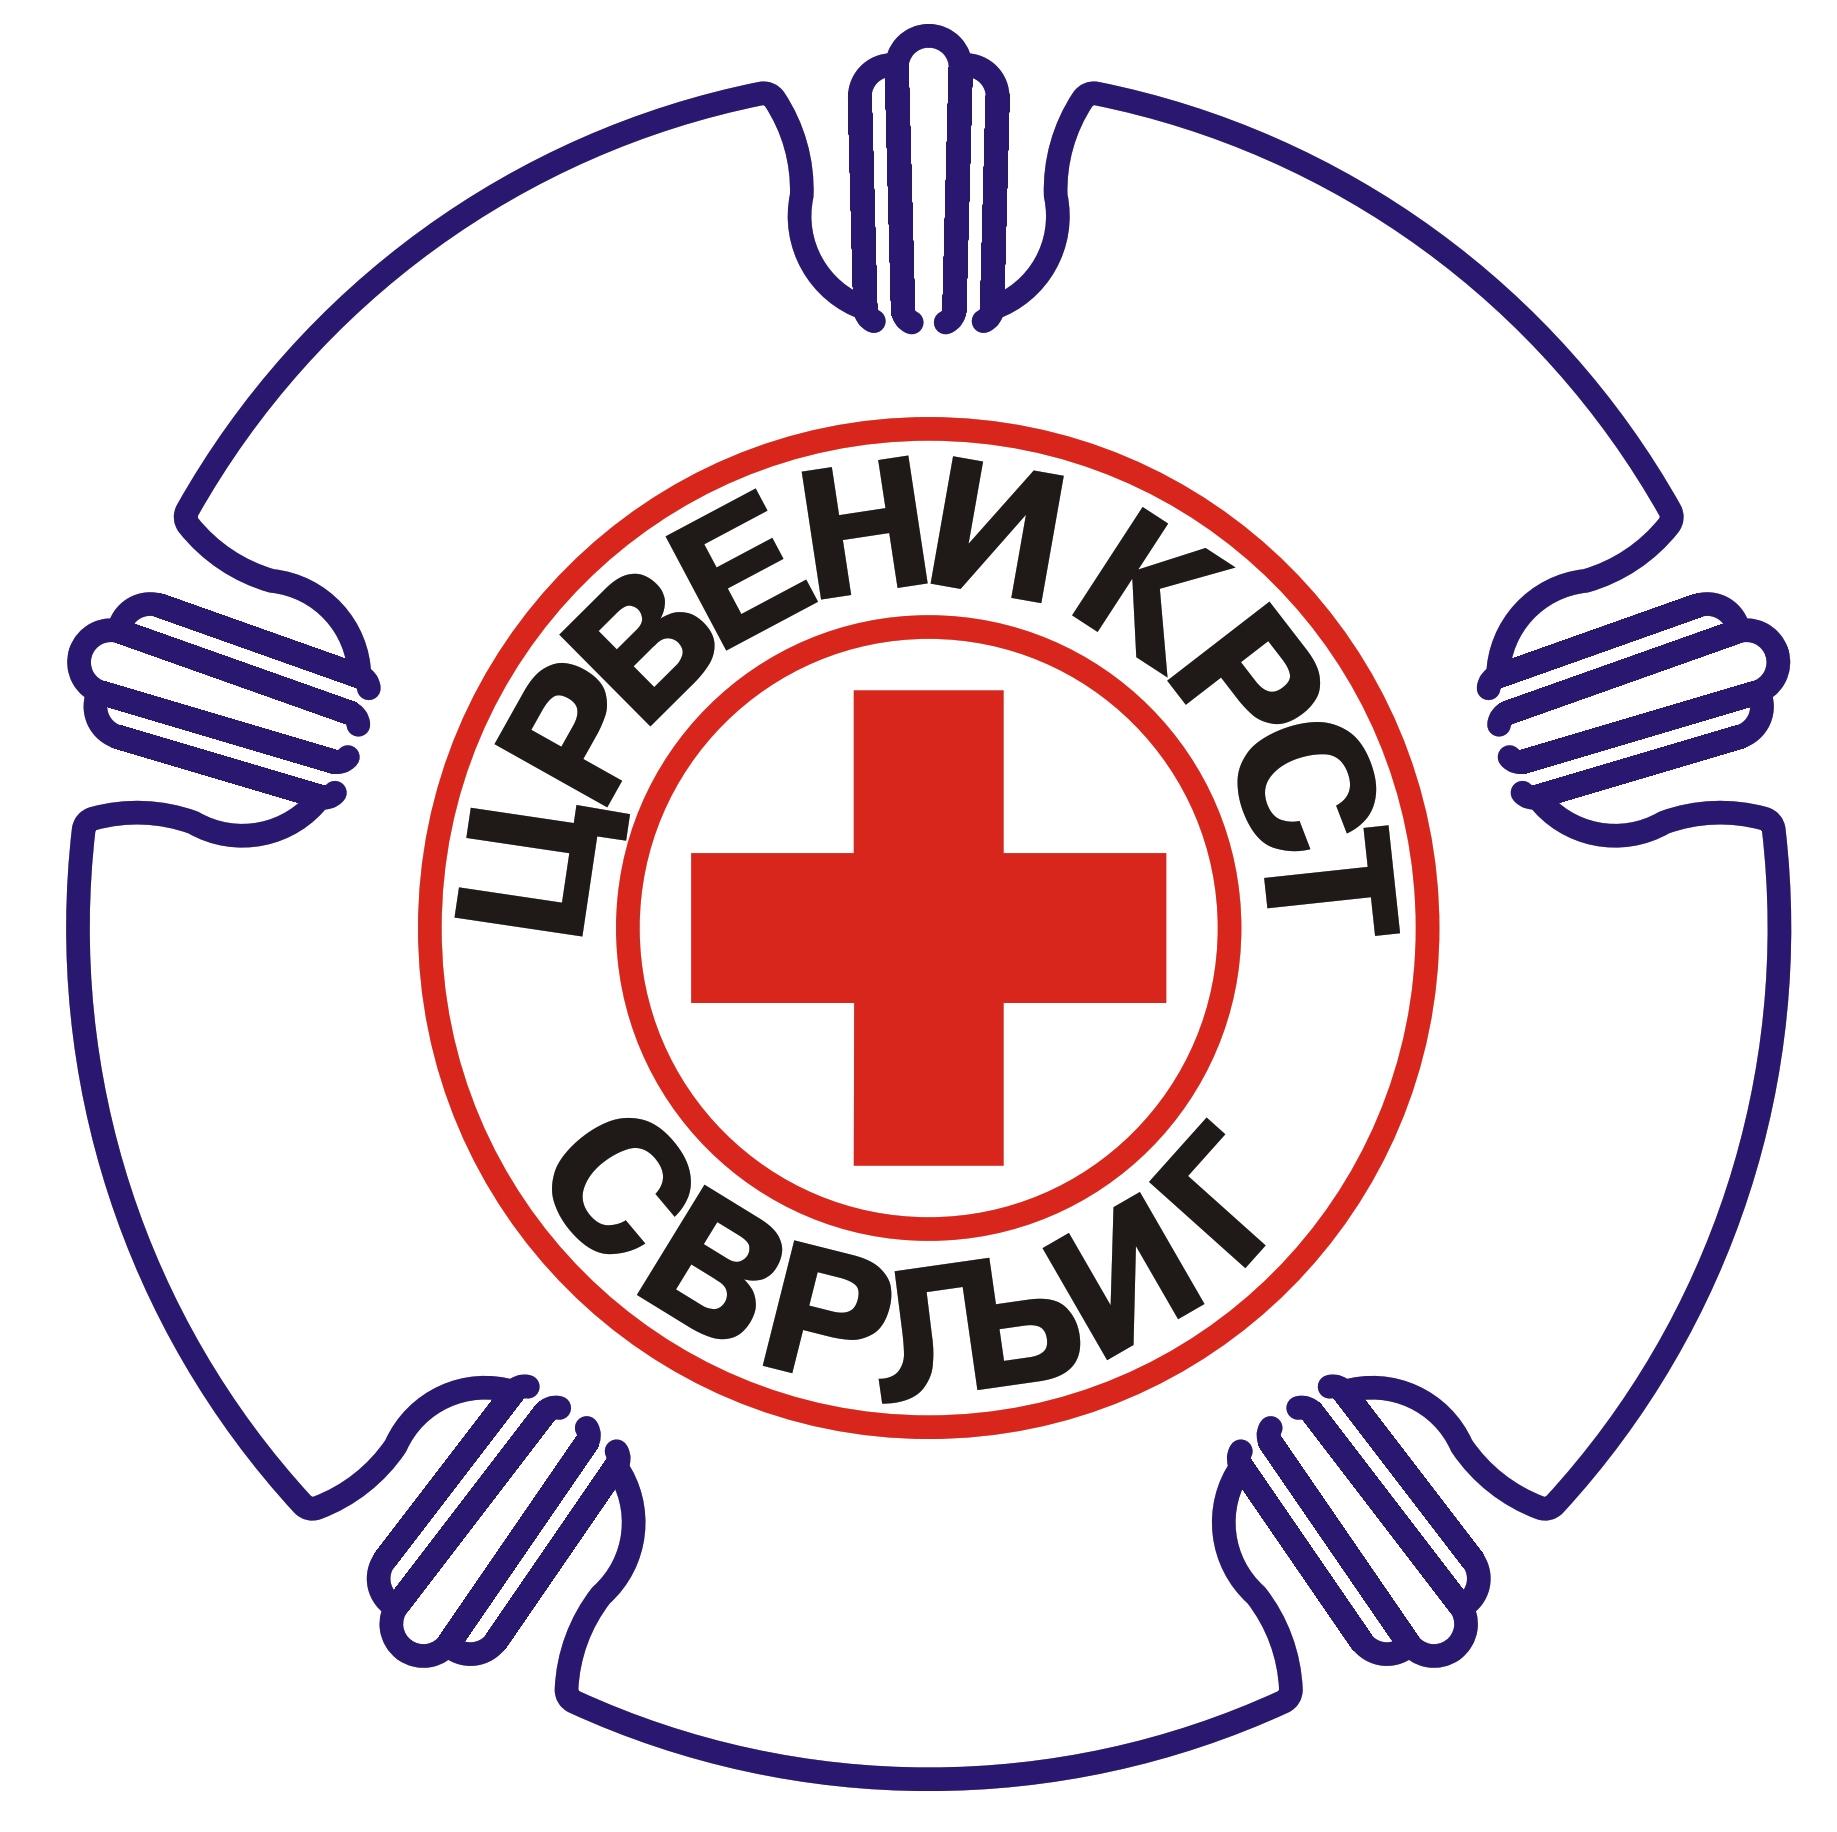 Svrljiški Crveni Krst čestitao Nacionalni dan davalaca krvi